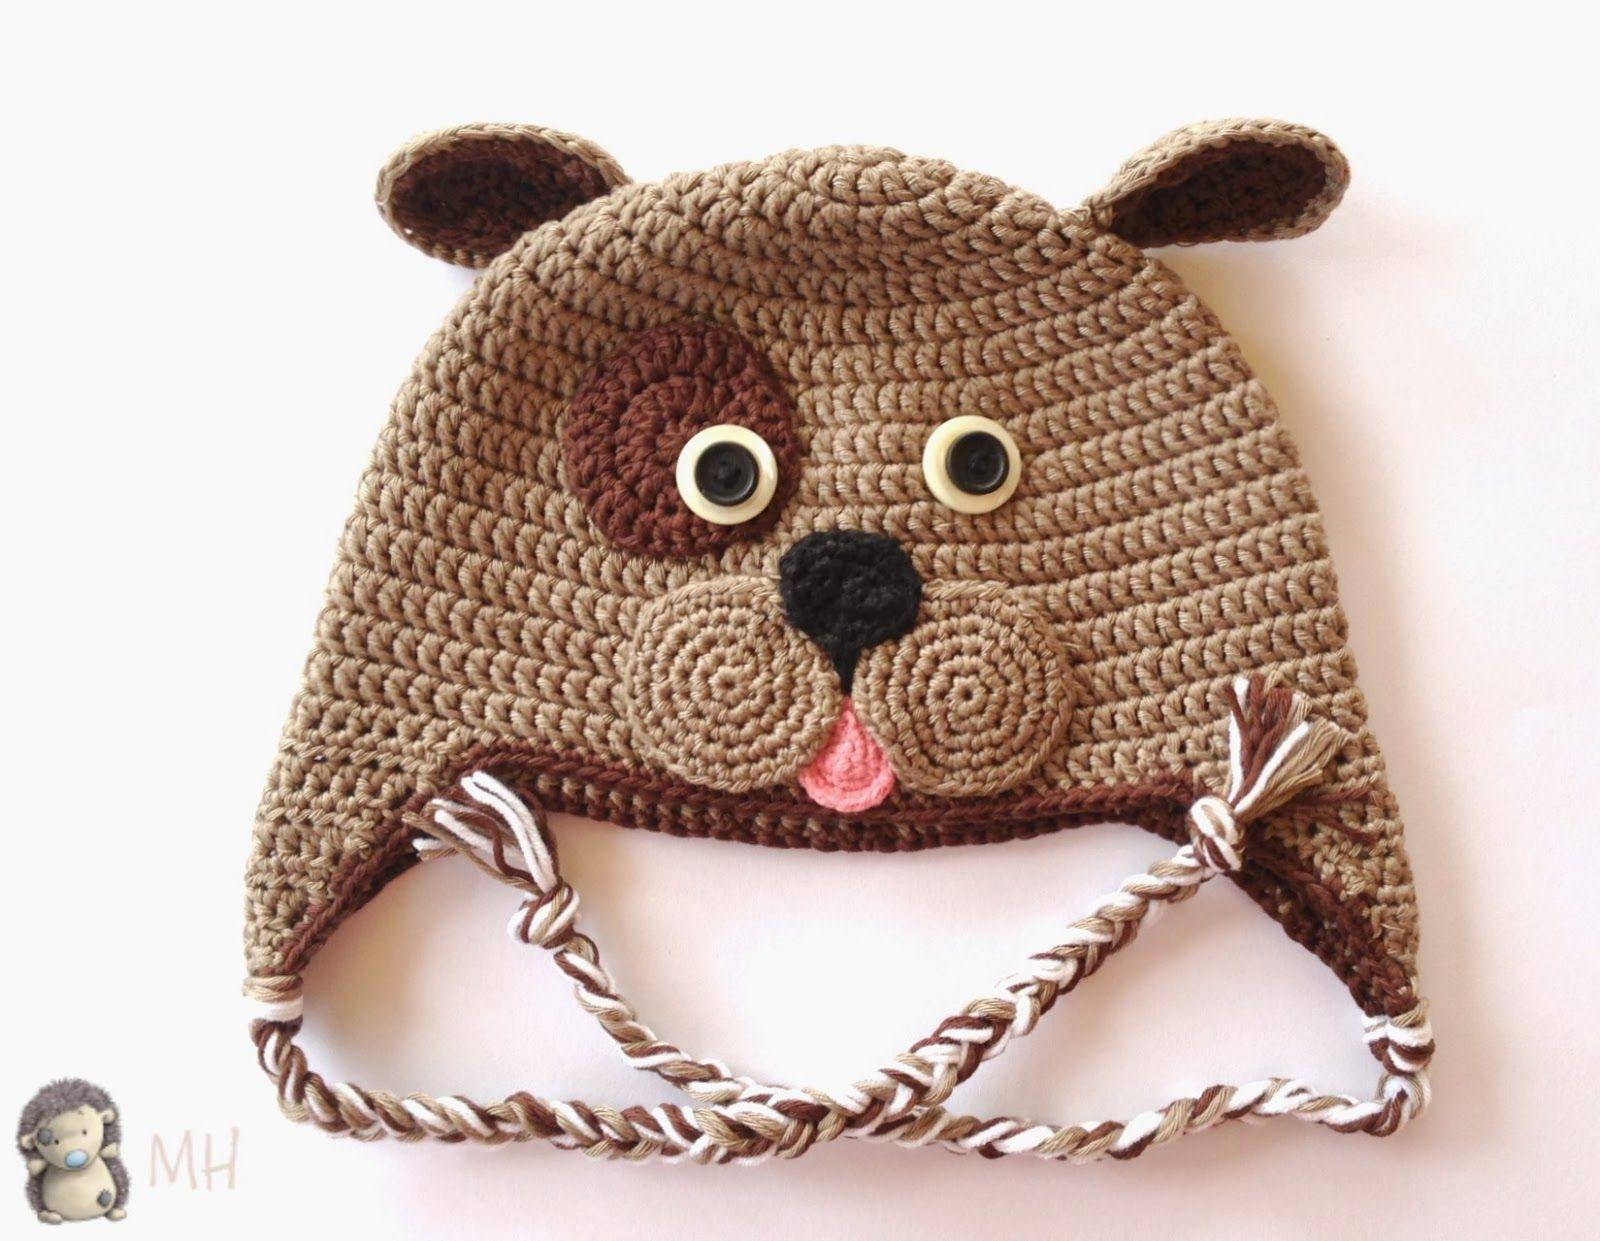 MADRES HIPERACTIVAS: Gorro Perrito a Crochet, Patrón Gratis ...